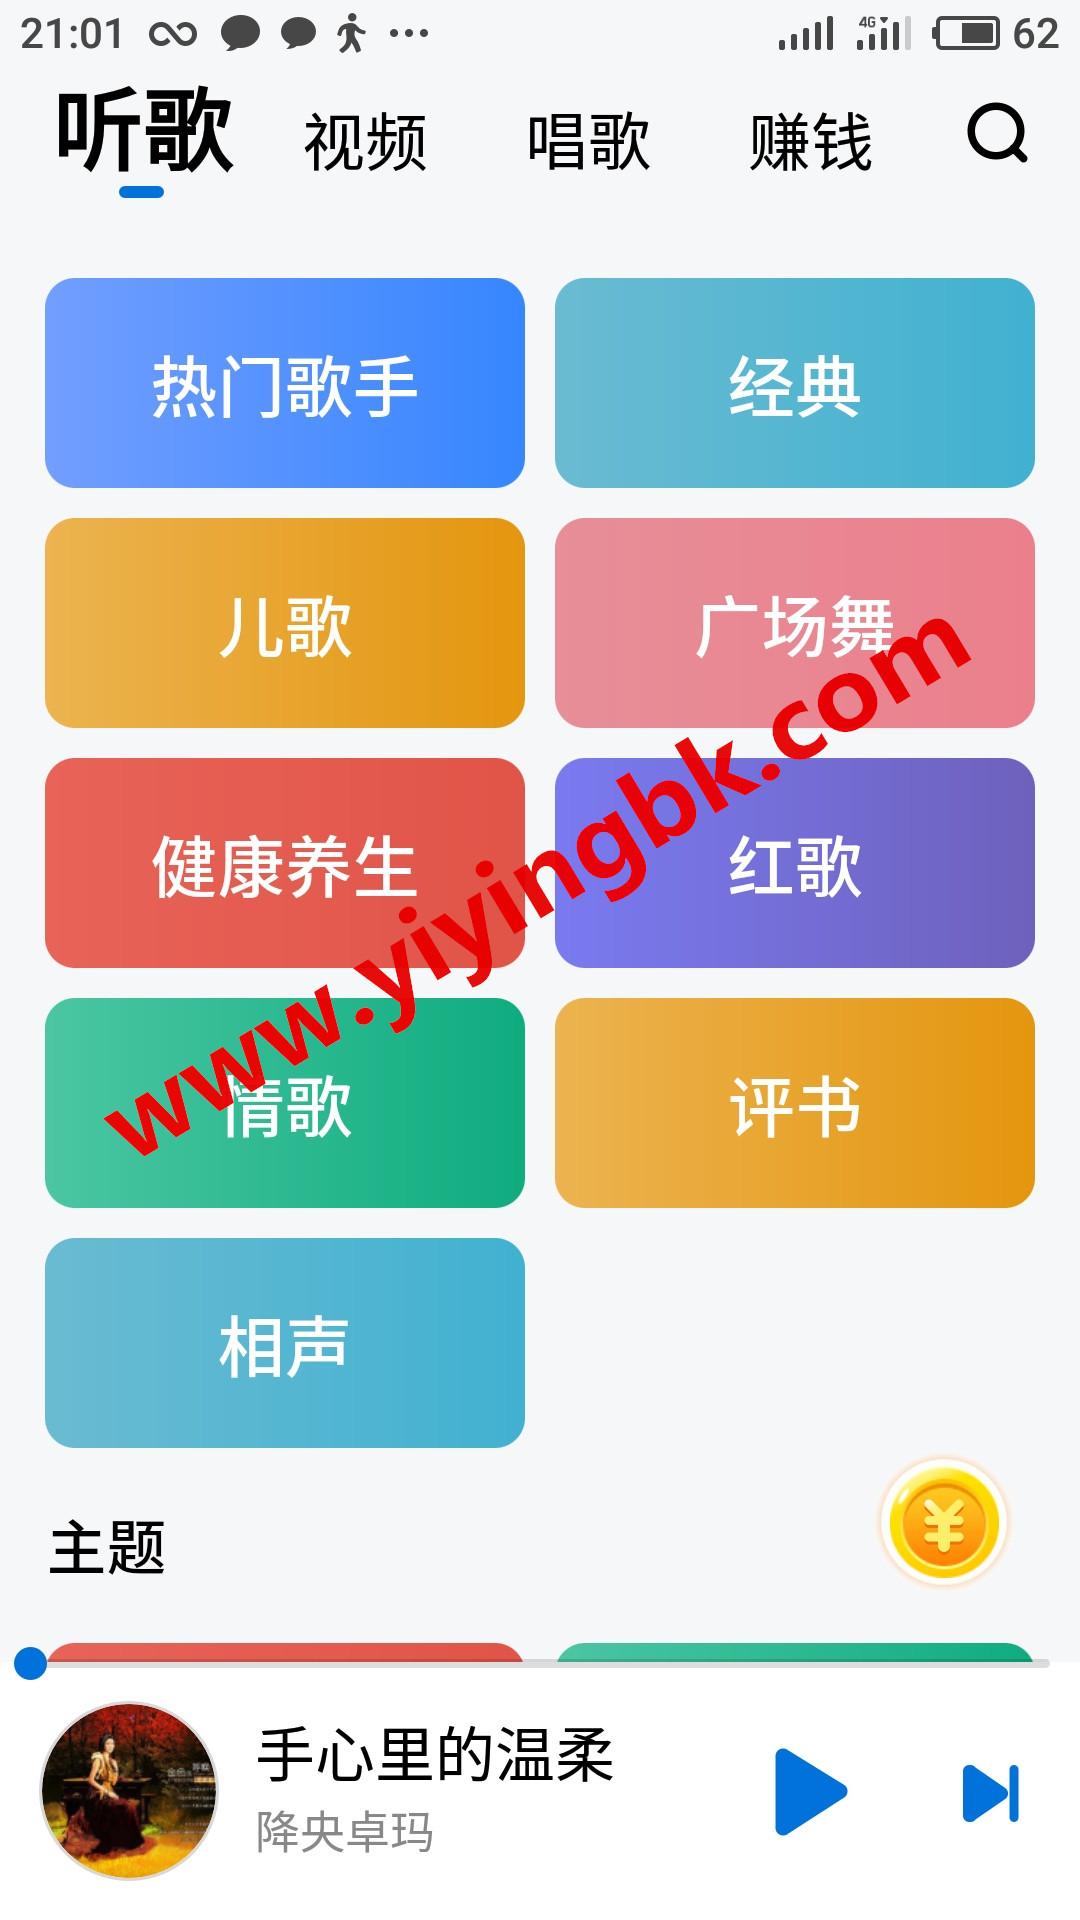 免费听歌听音乐领红包赚零花钱,微信提现秒到账。www.yiyingbk.com